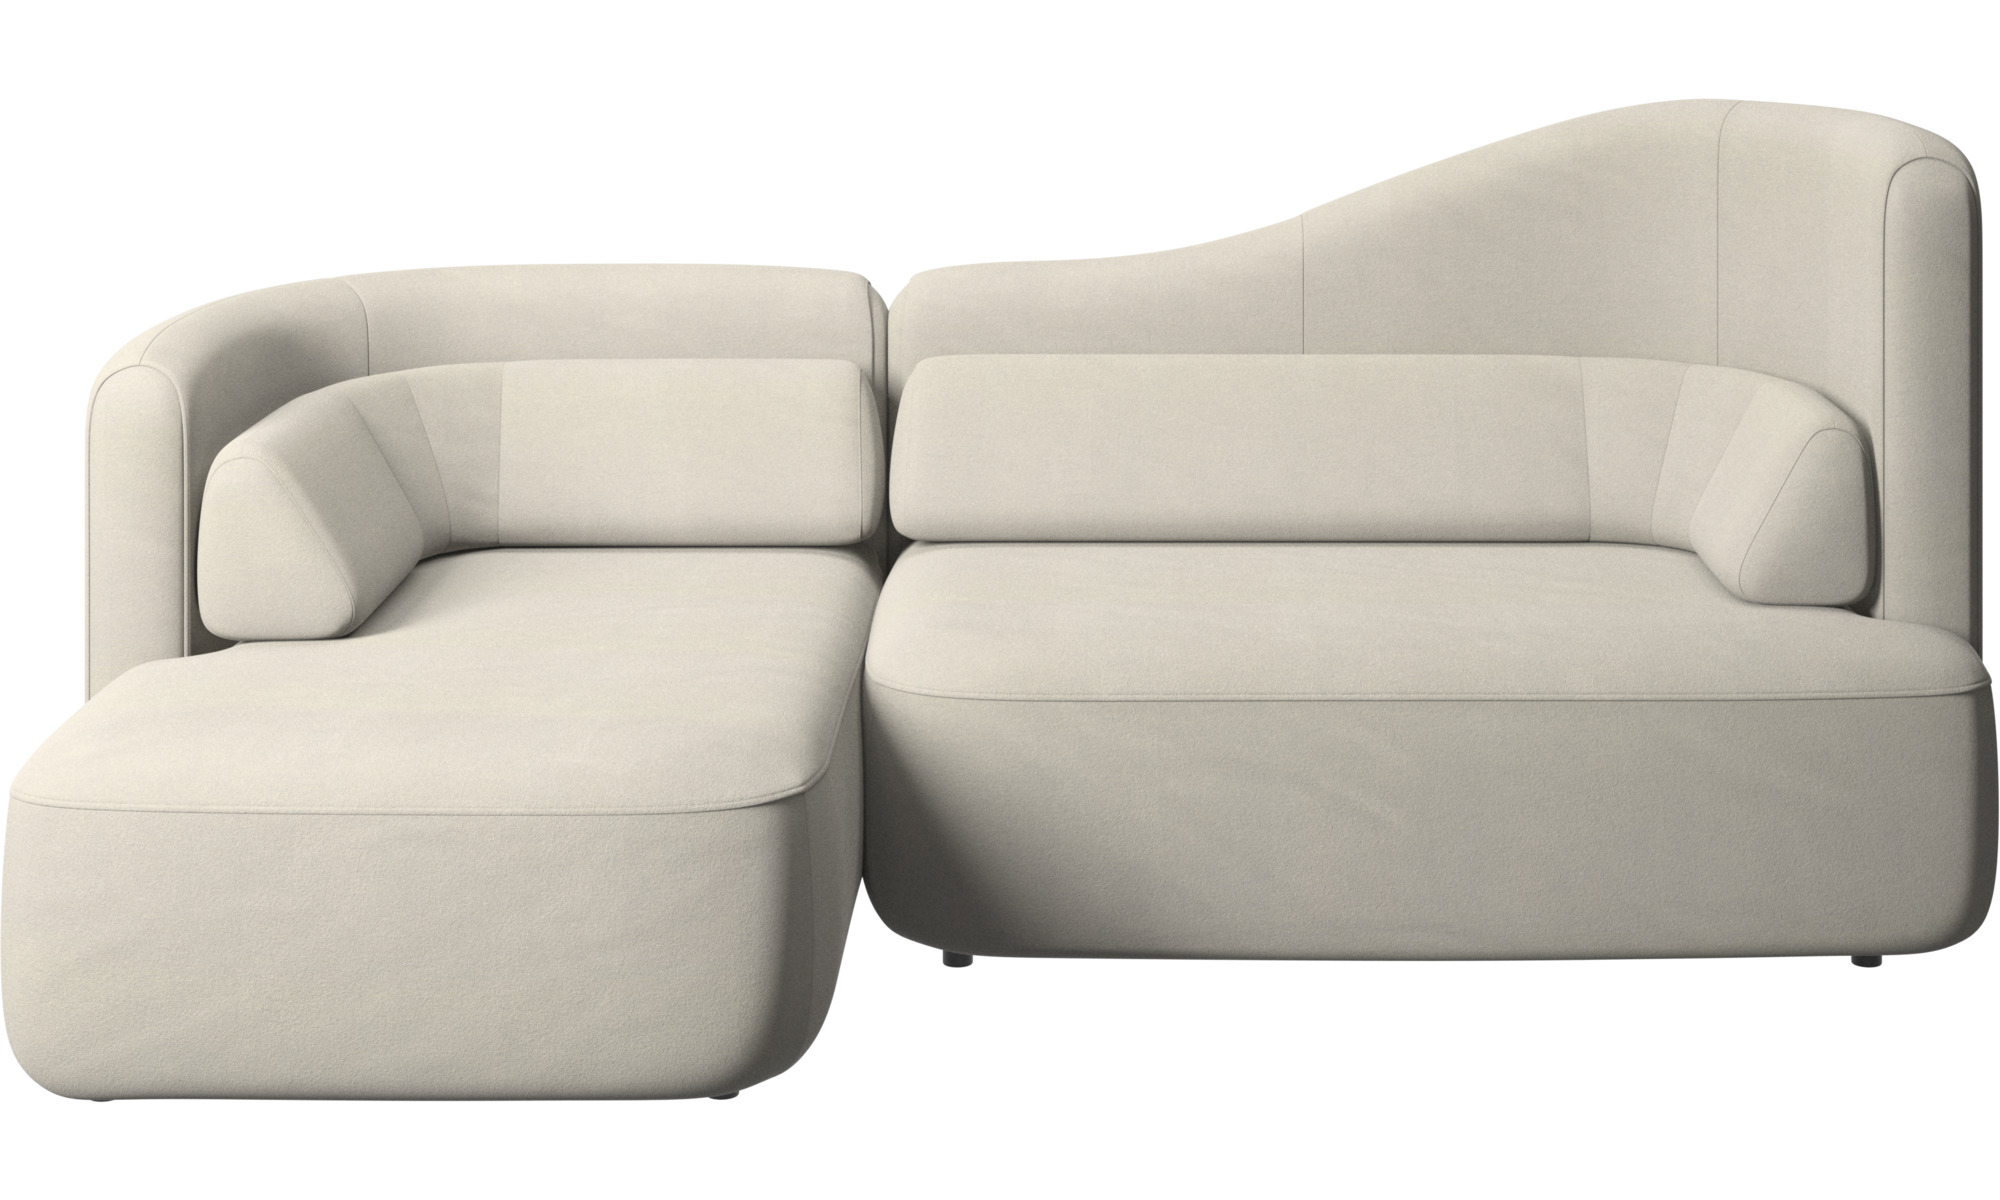 Canapés modulaires - Canapé Ottawa - Blanc - Tissu